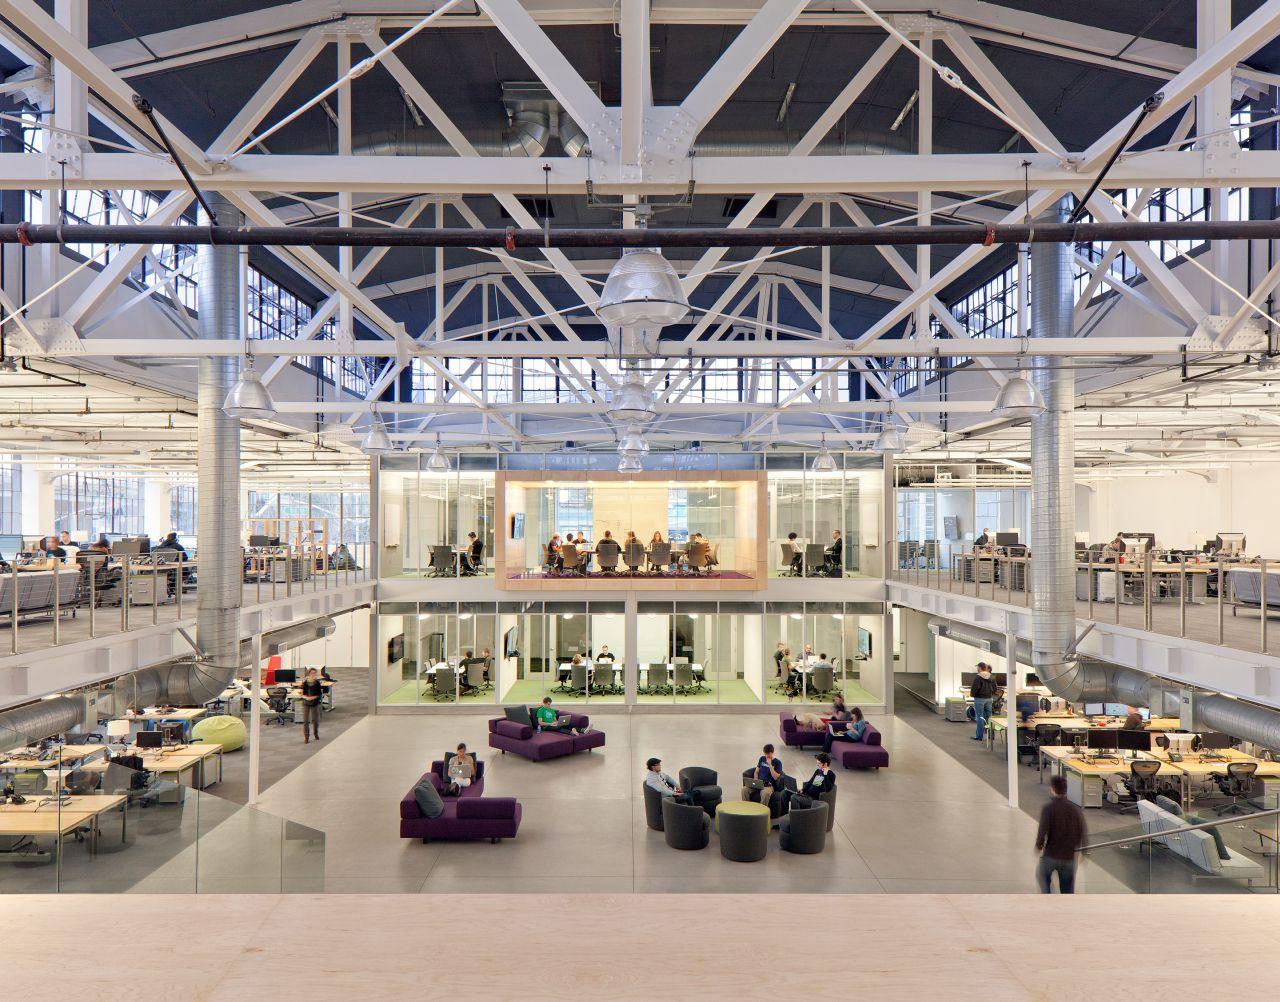 Atlassian Offices / Studio Sarah Willmer, © Jasper Sanidad